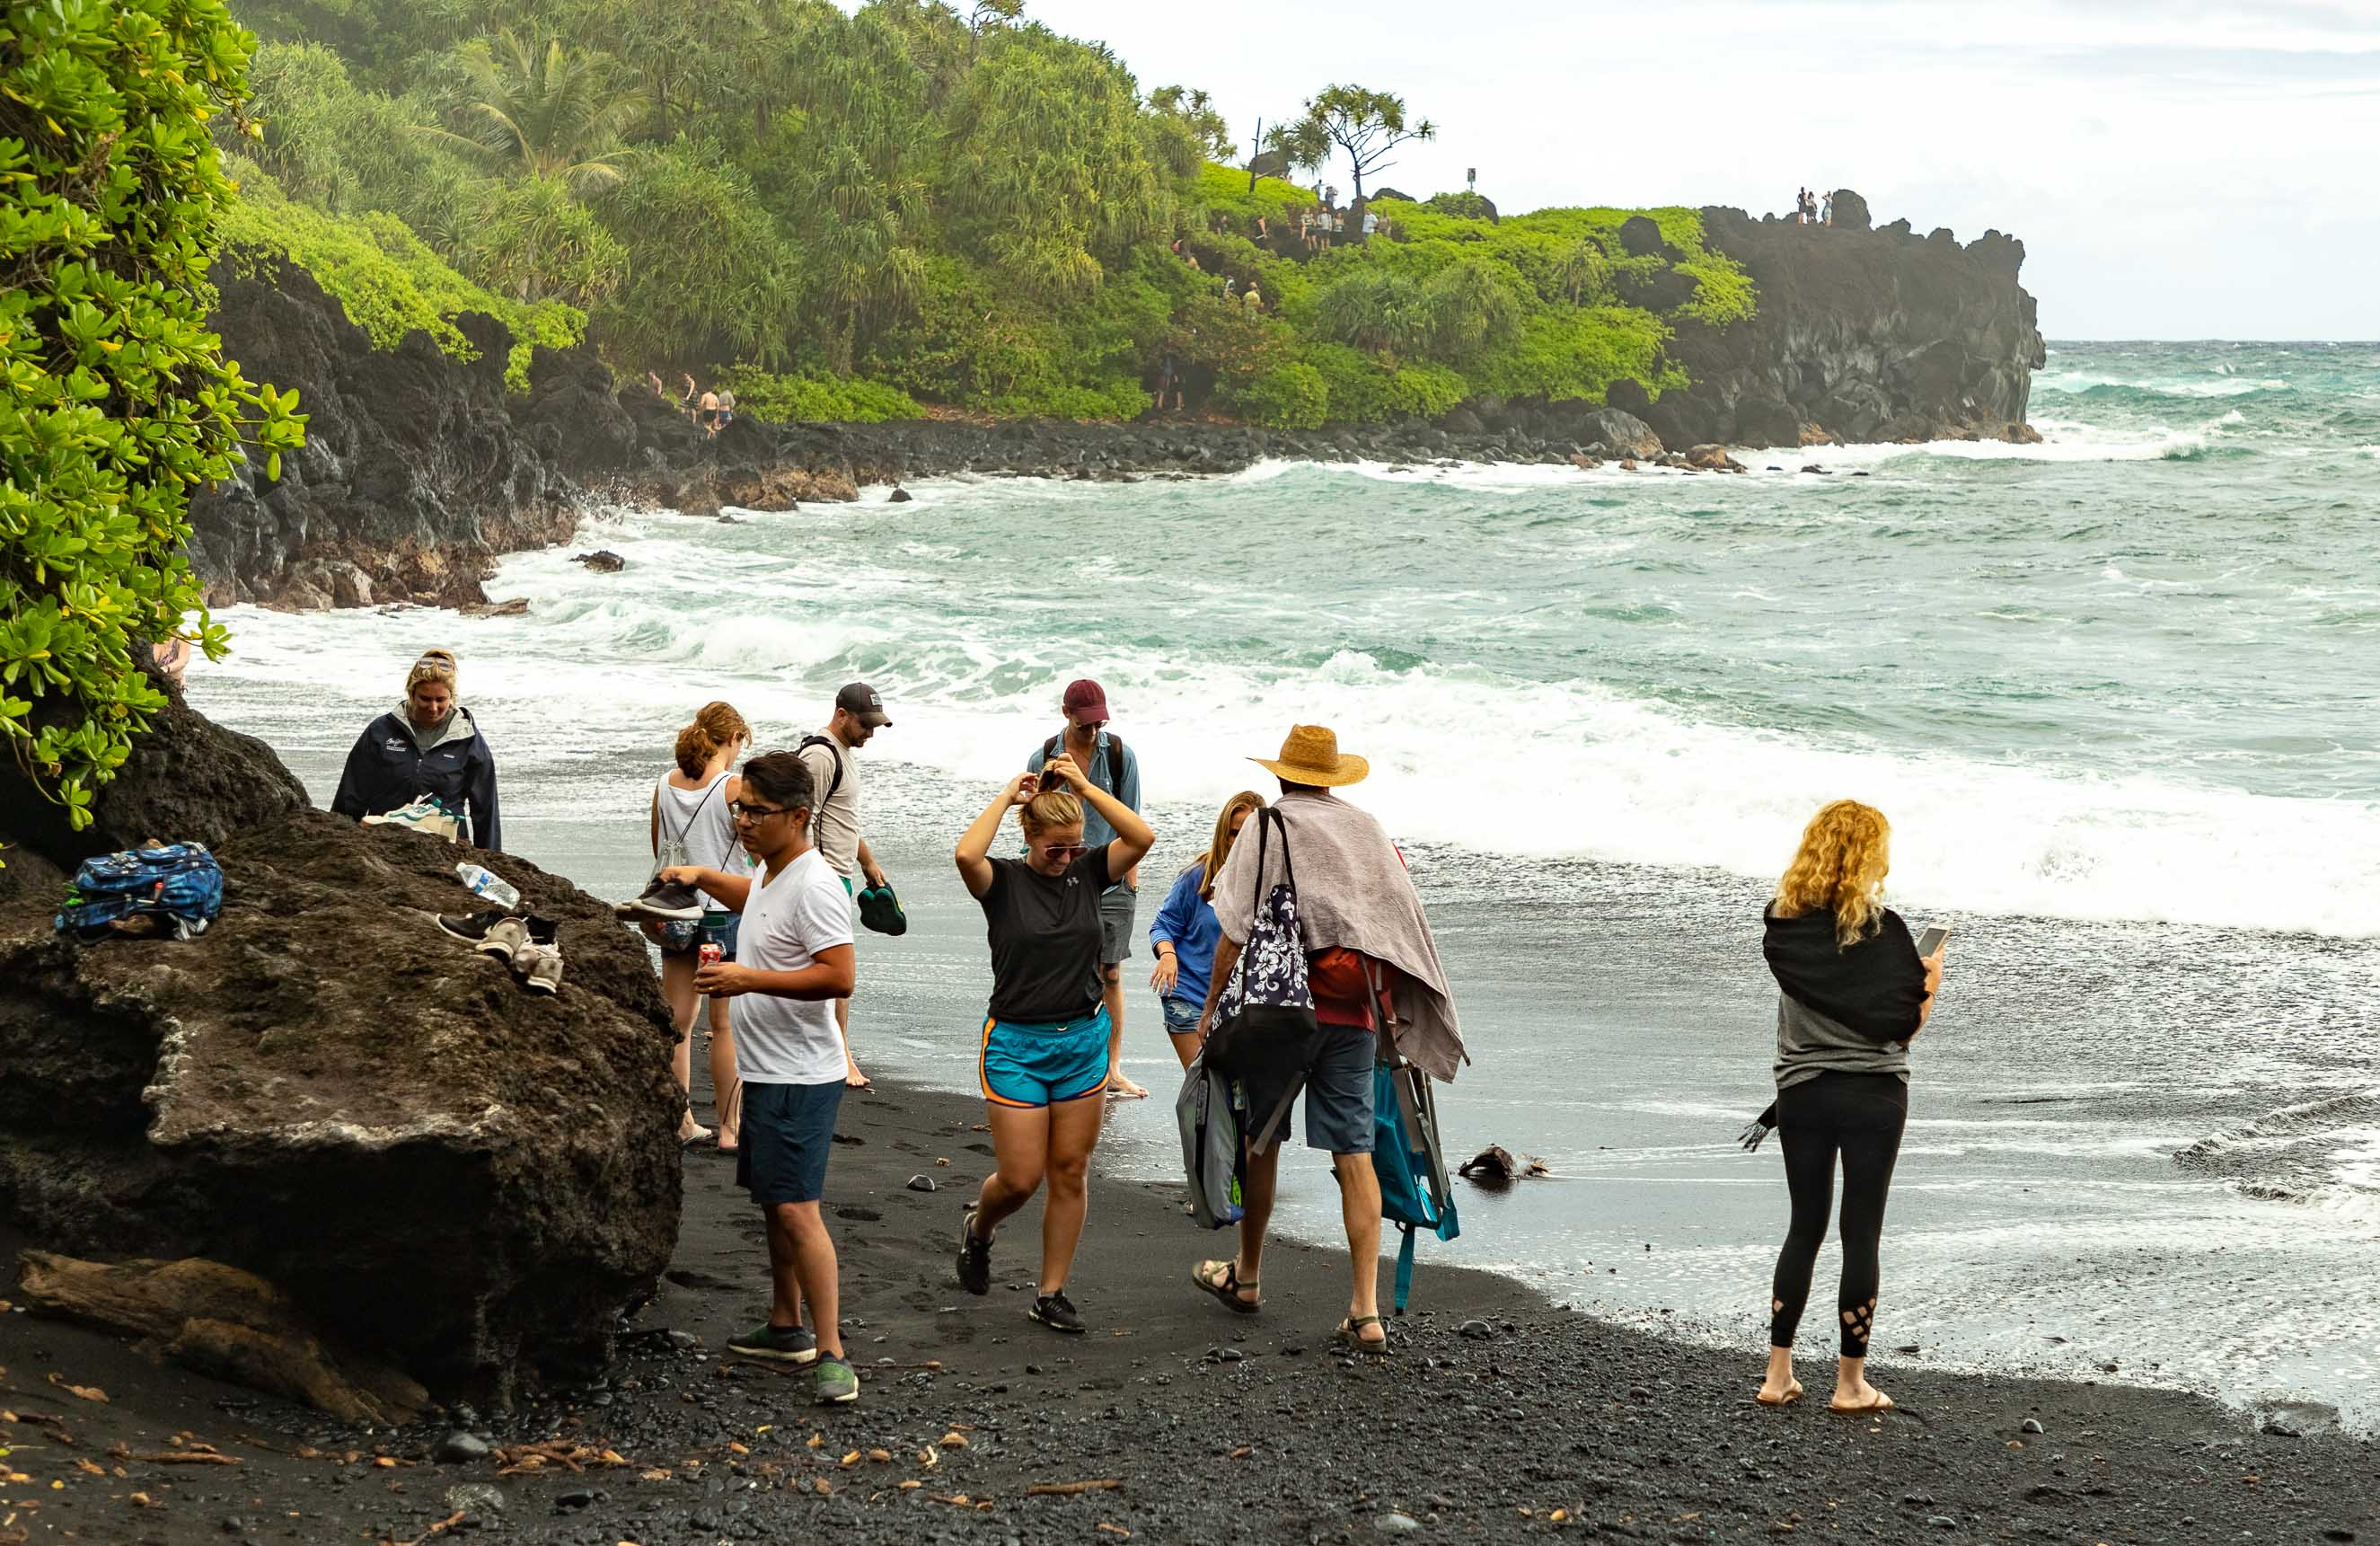 Road to Hana Black Sand Beach Visitors Walking Waianapanapa Maui